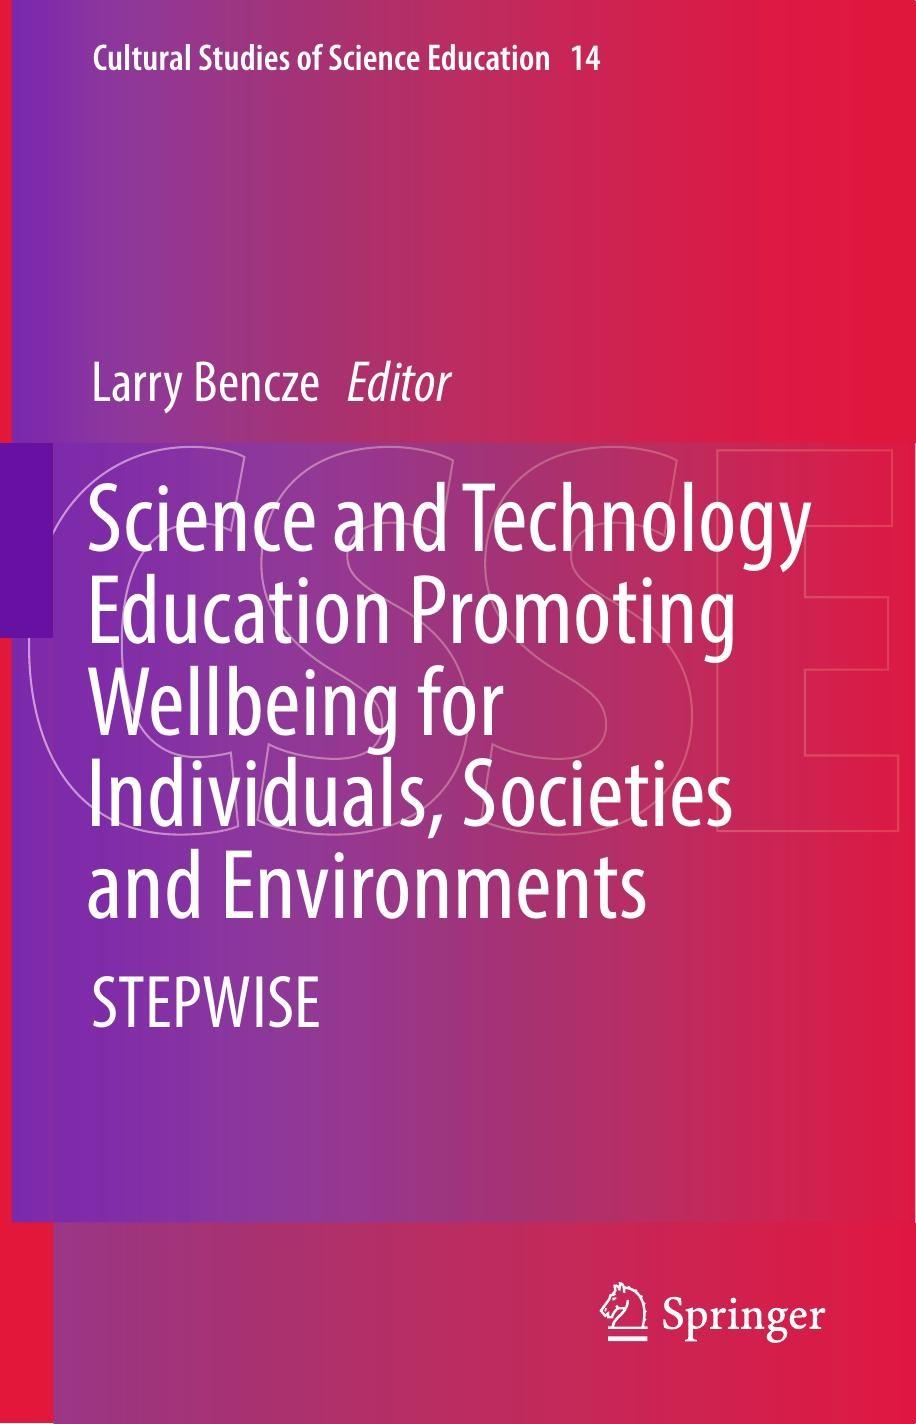 آموزش علم و تکنولوژی در ترویج بهروزی برای افراد، جوامع و محیط زیست: رویکرد استپ وایز (بنز، ۲۰۱۷)